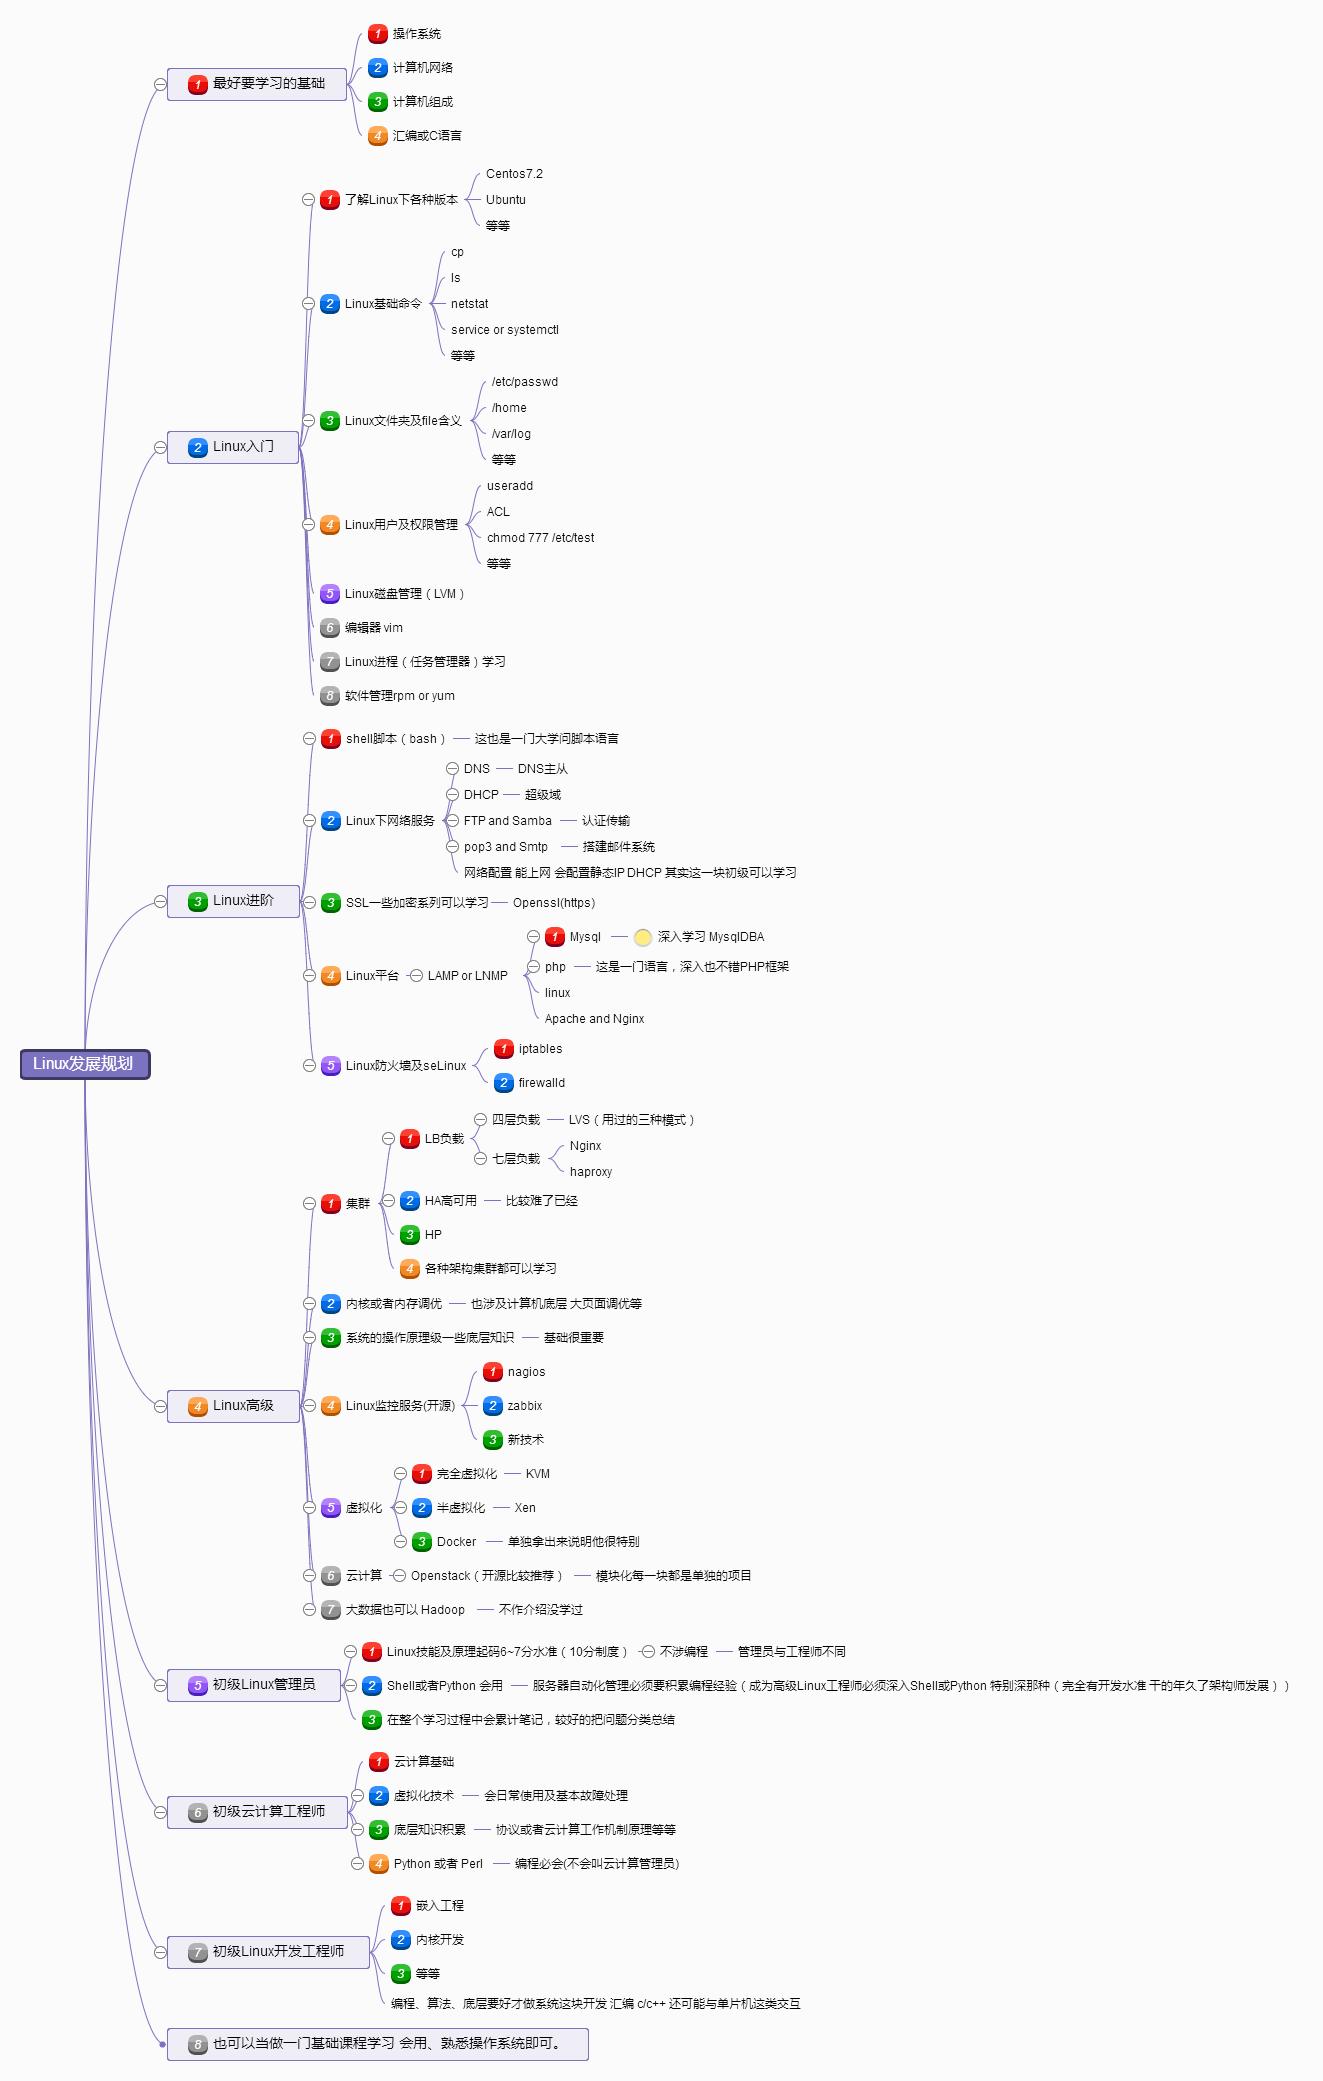 Linux发展规划